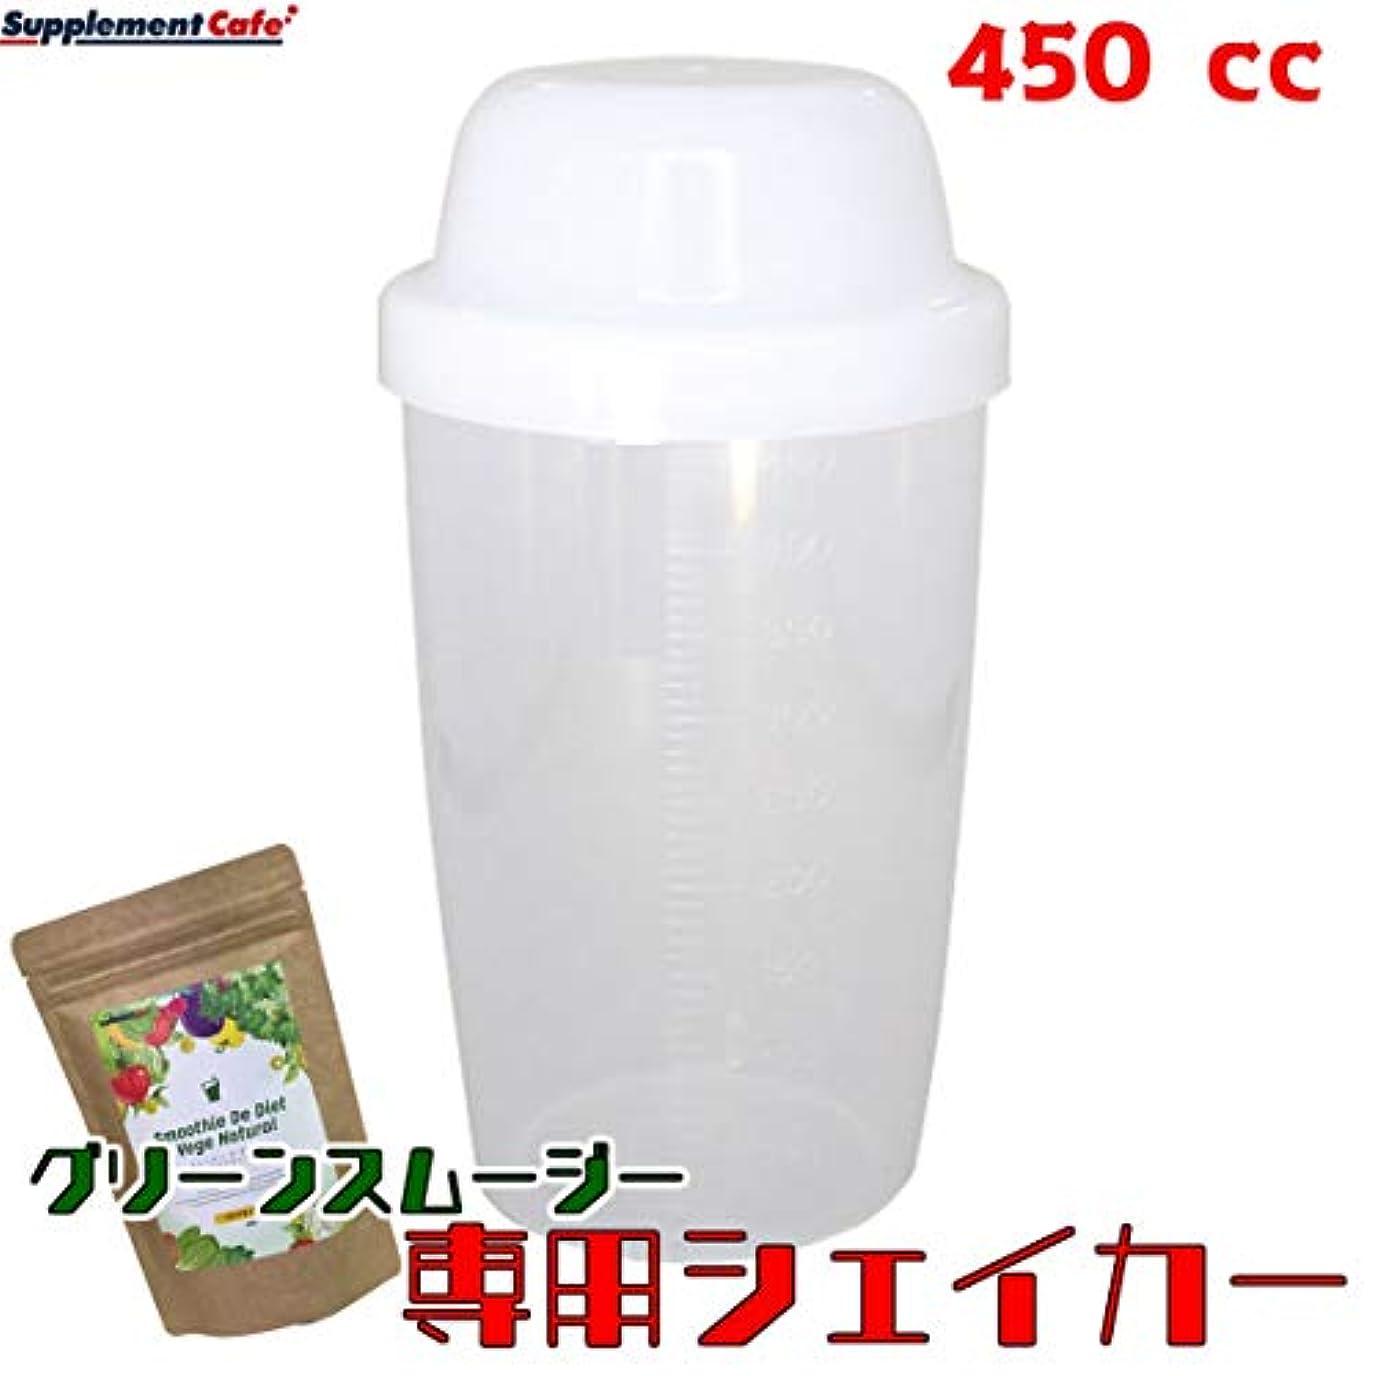 休暇モールス信号聴覚【スムージー用シェイカー 450cc】スムージーデダイエットベジナチュラル